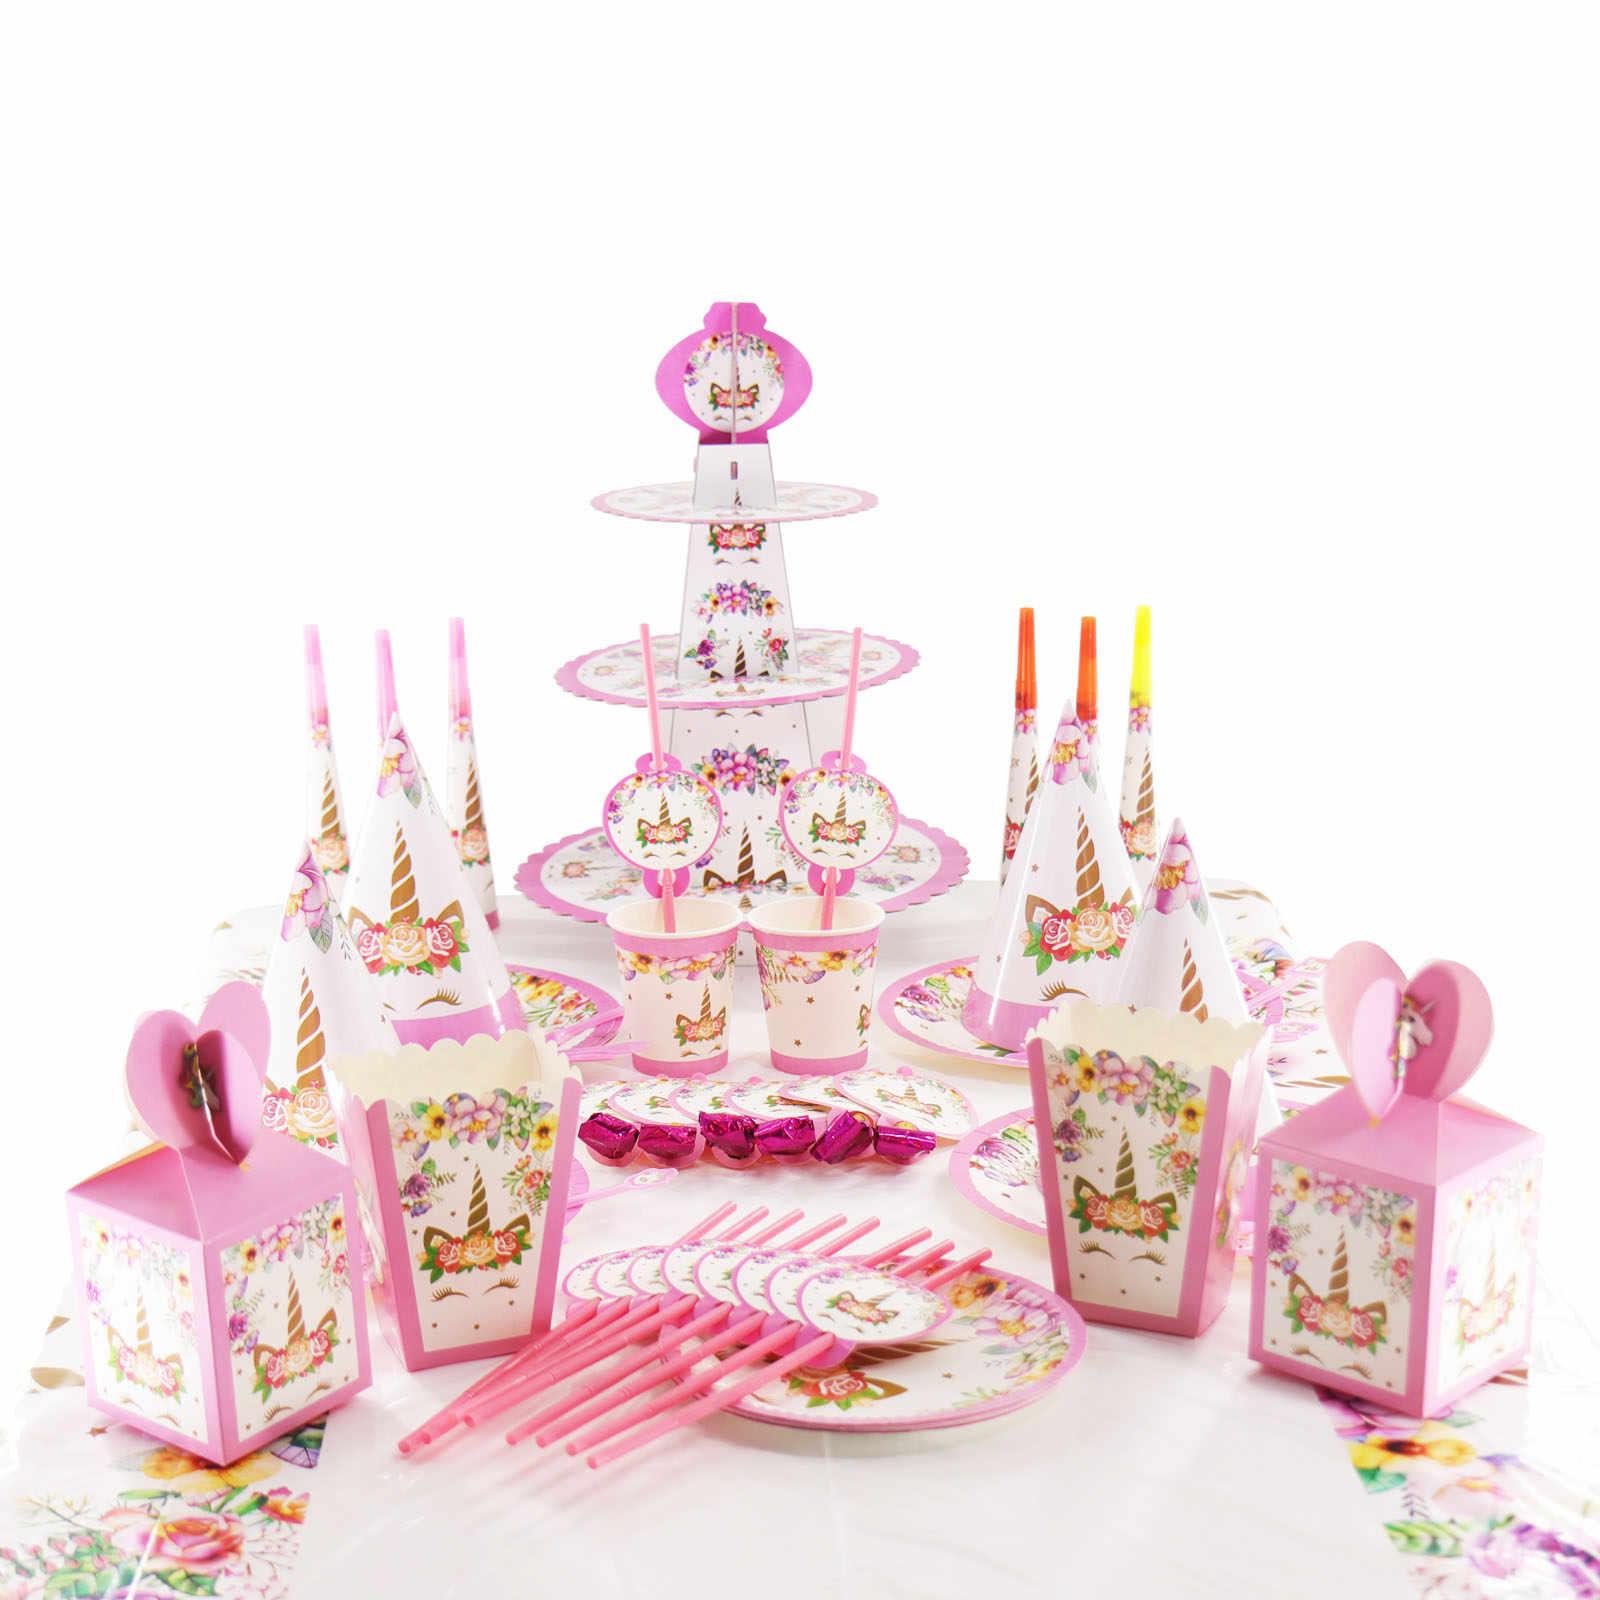 يونيكورن أدوات المائدة Grosgrain الشريط بريق كب كيك توبر بالون ملصق صور كليب للطفل استحمام الزفاف ديكور حفلات